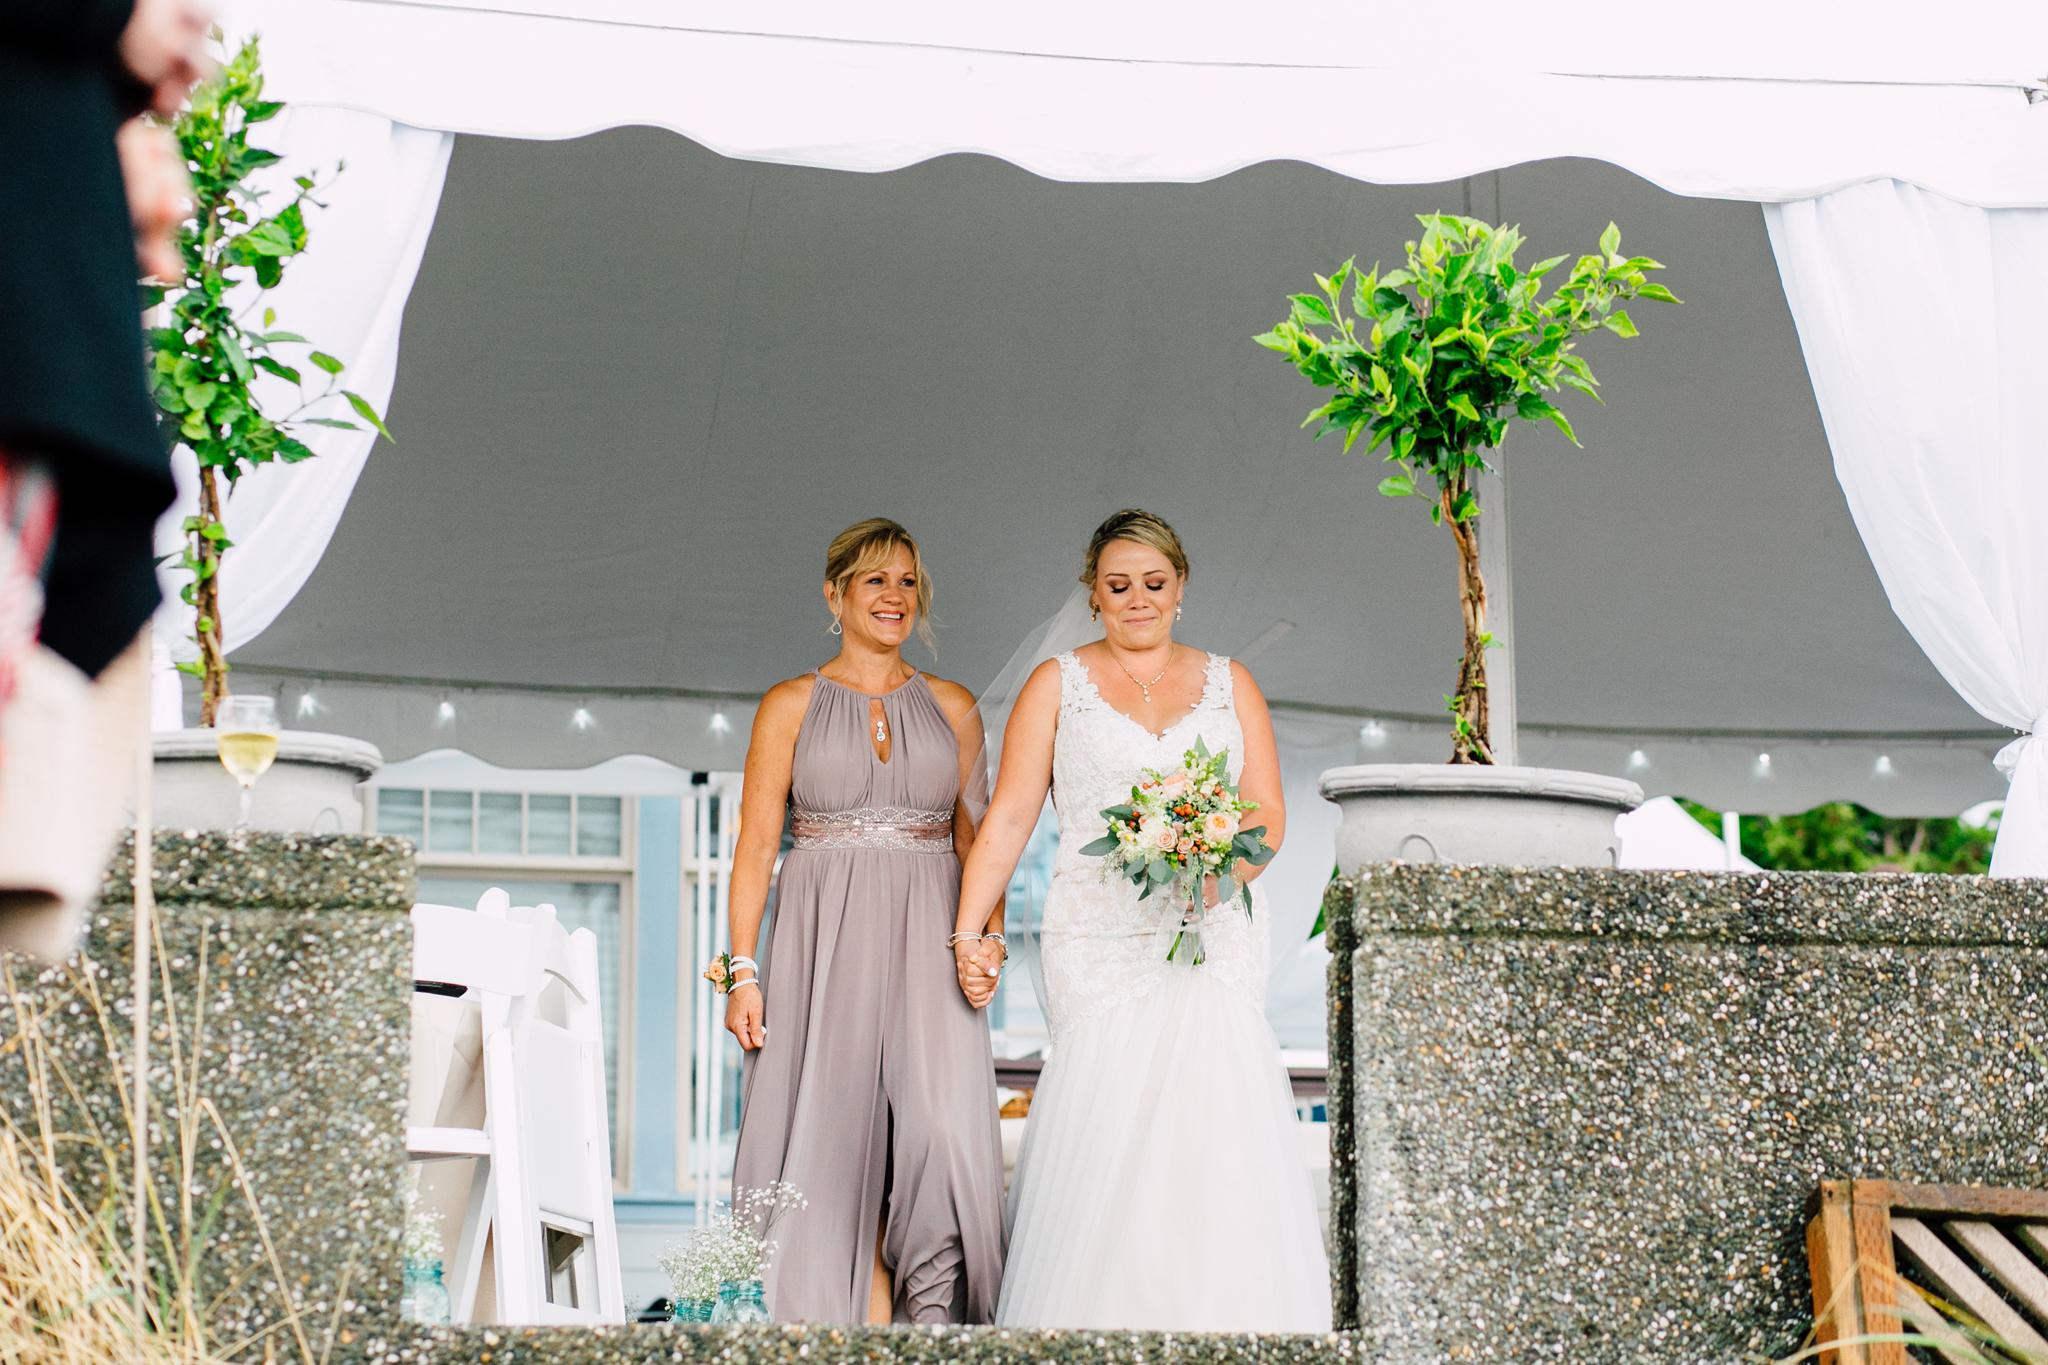 059-bellingham-wedding-photographer-beach-katheryn-moran-elisa-phillip.jpg